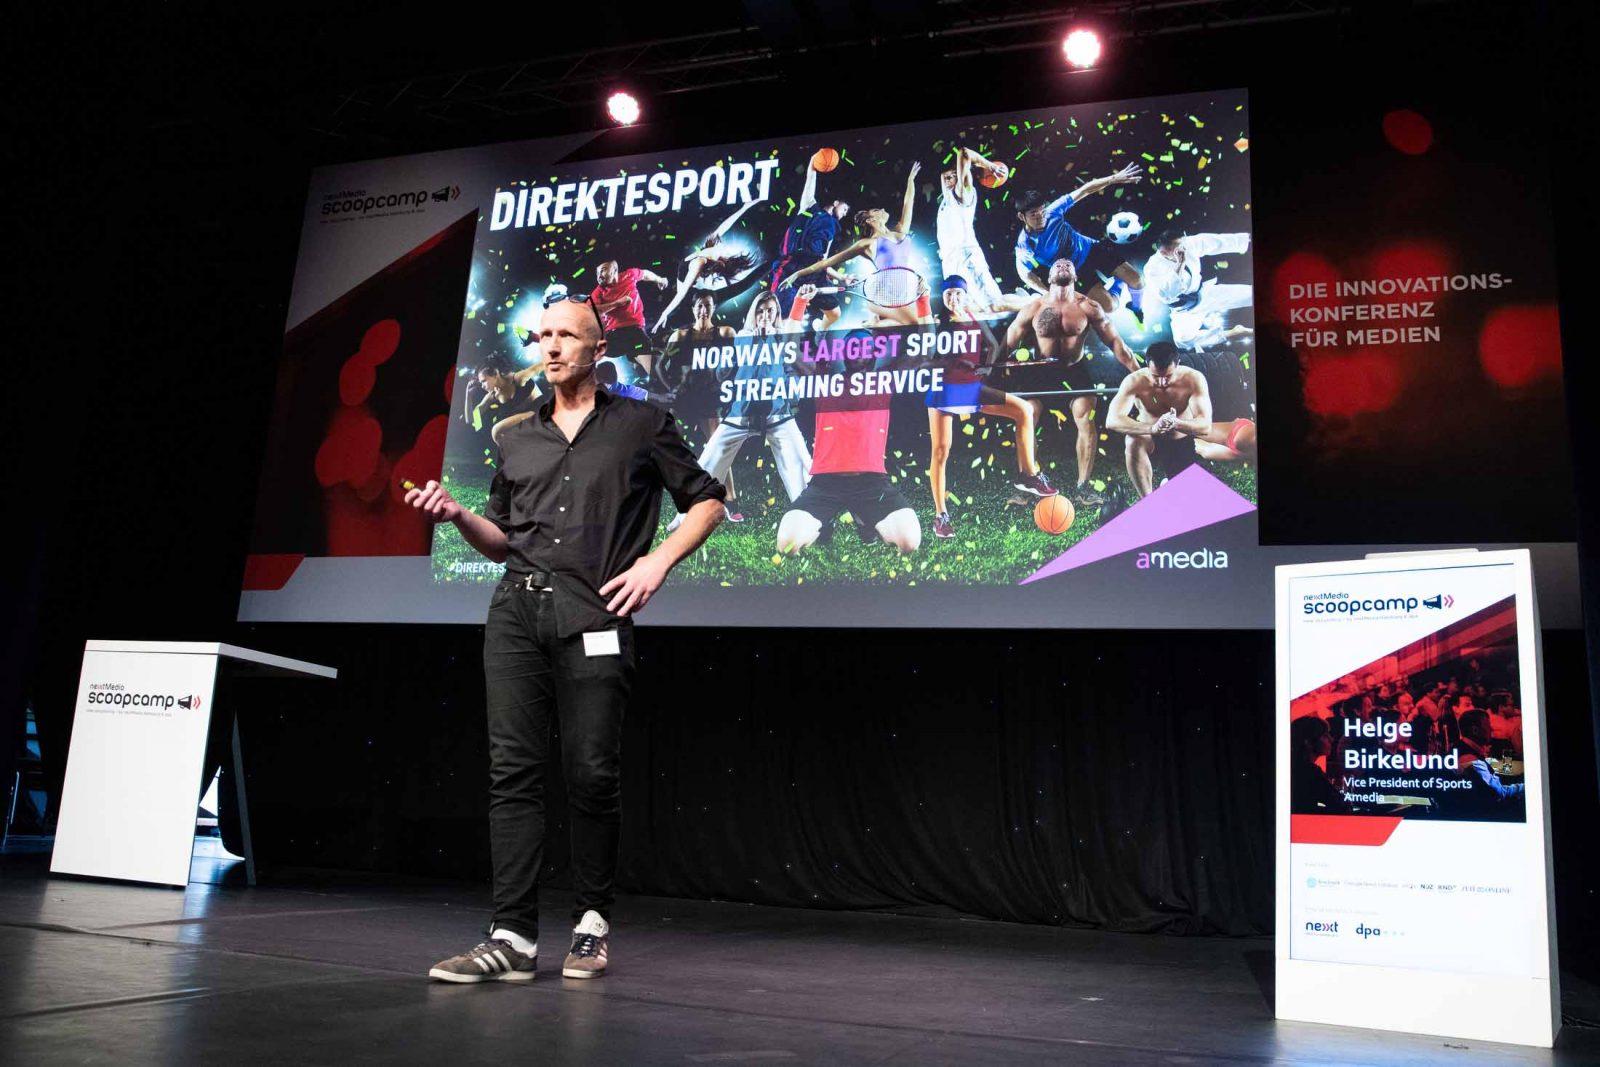 """Helge Birkelund, Vice President of Sports, Amedia, spricht auf der Innovationskonferenz für Medien """"Scoopcamp"""" am 25.09.2019 im Kehrwieder Theater in Hamburg."""